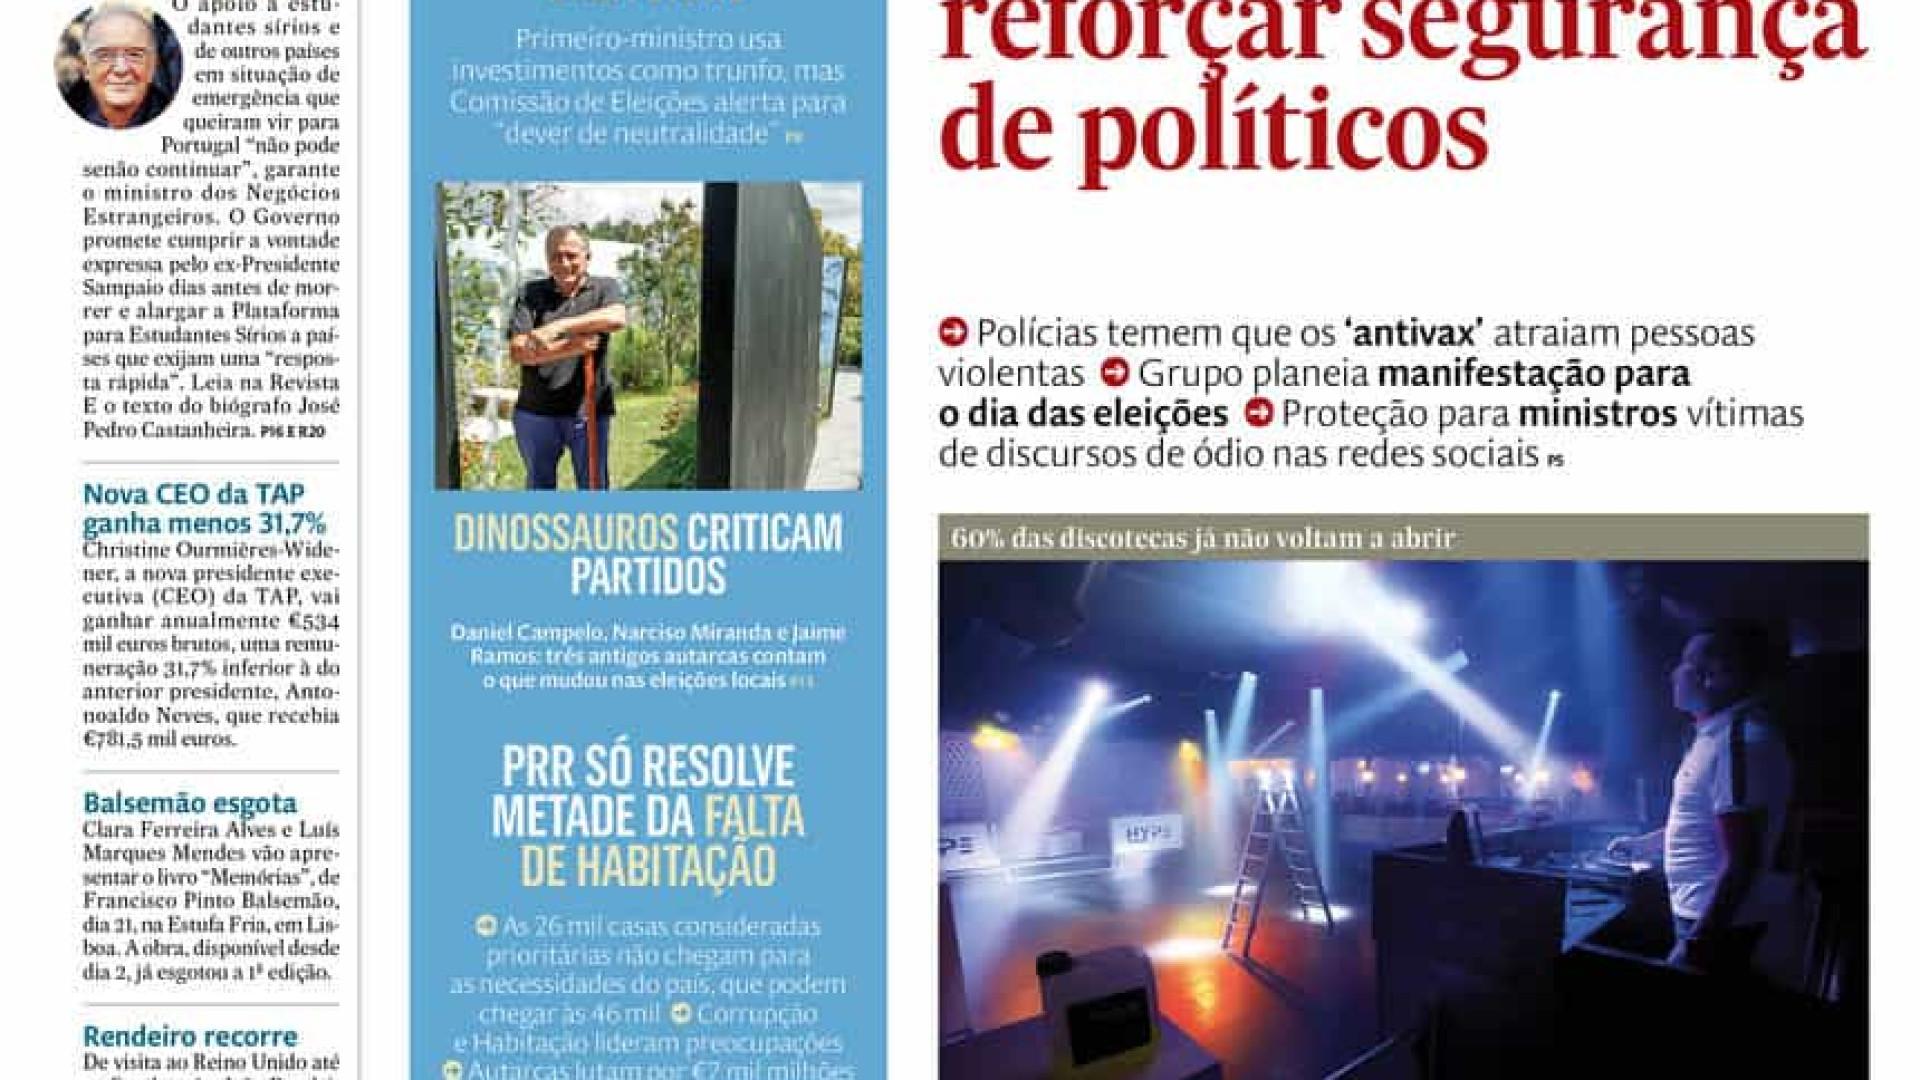 Hoje é notícia: Reforçada segurança de políticos; Duarte Lima procura-se